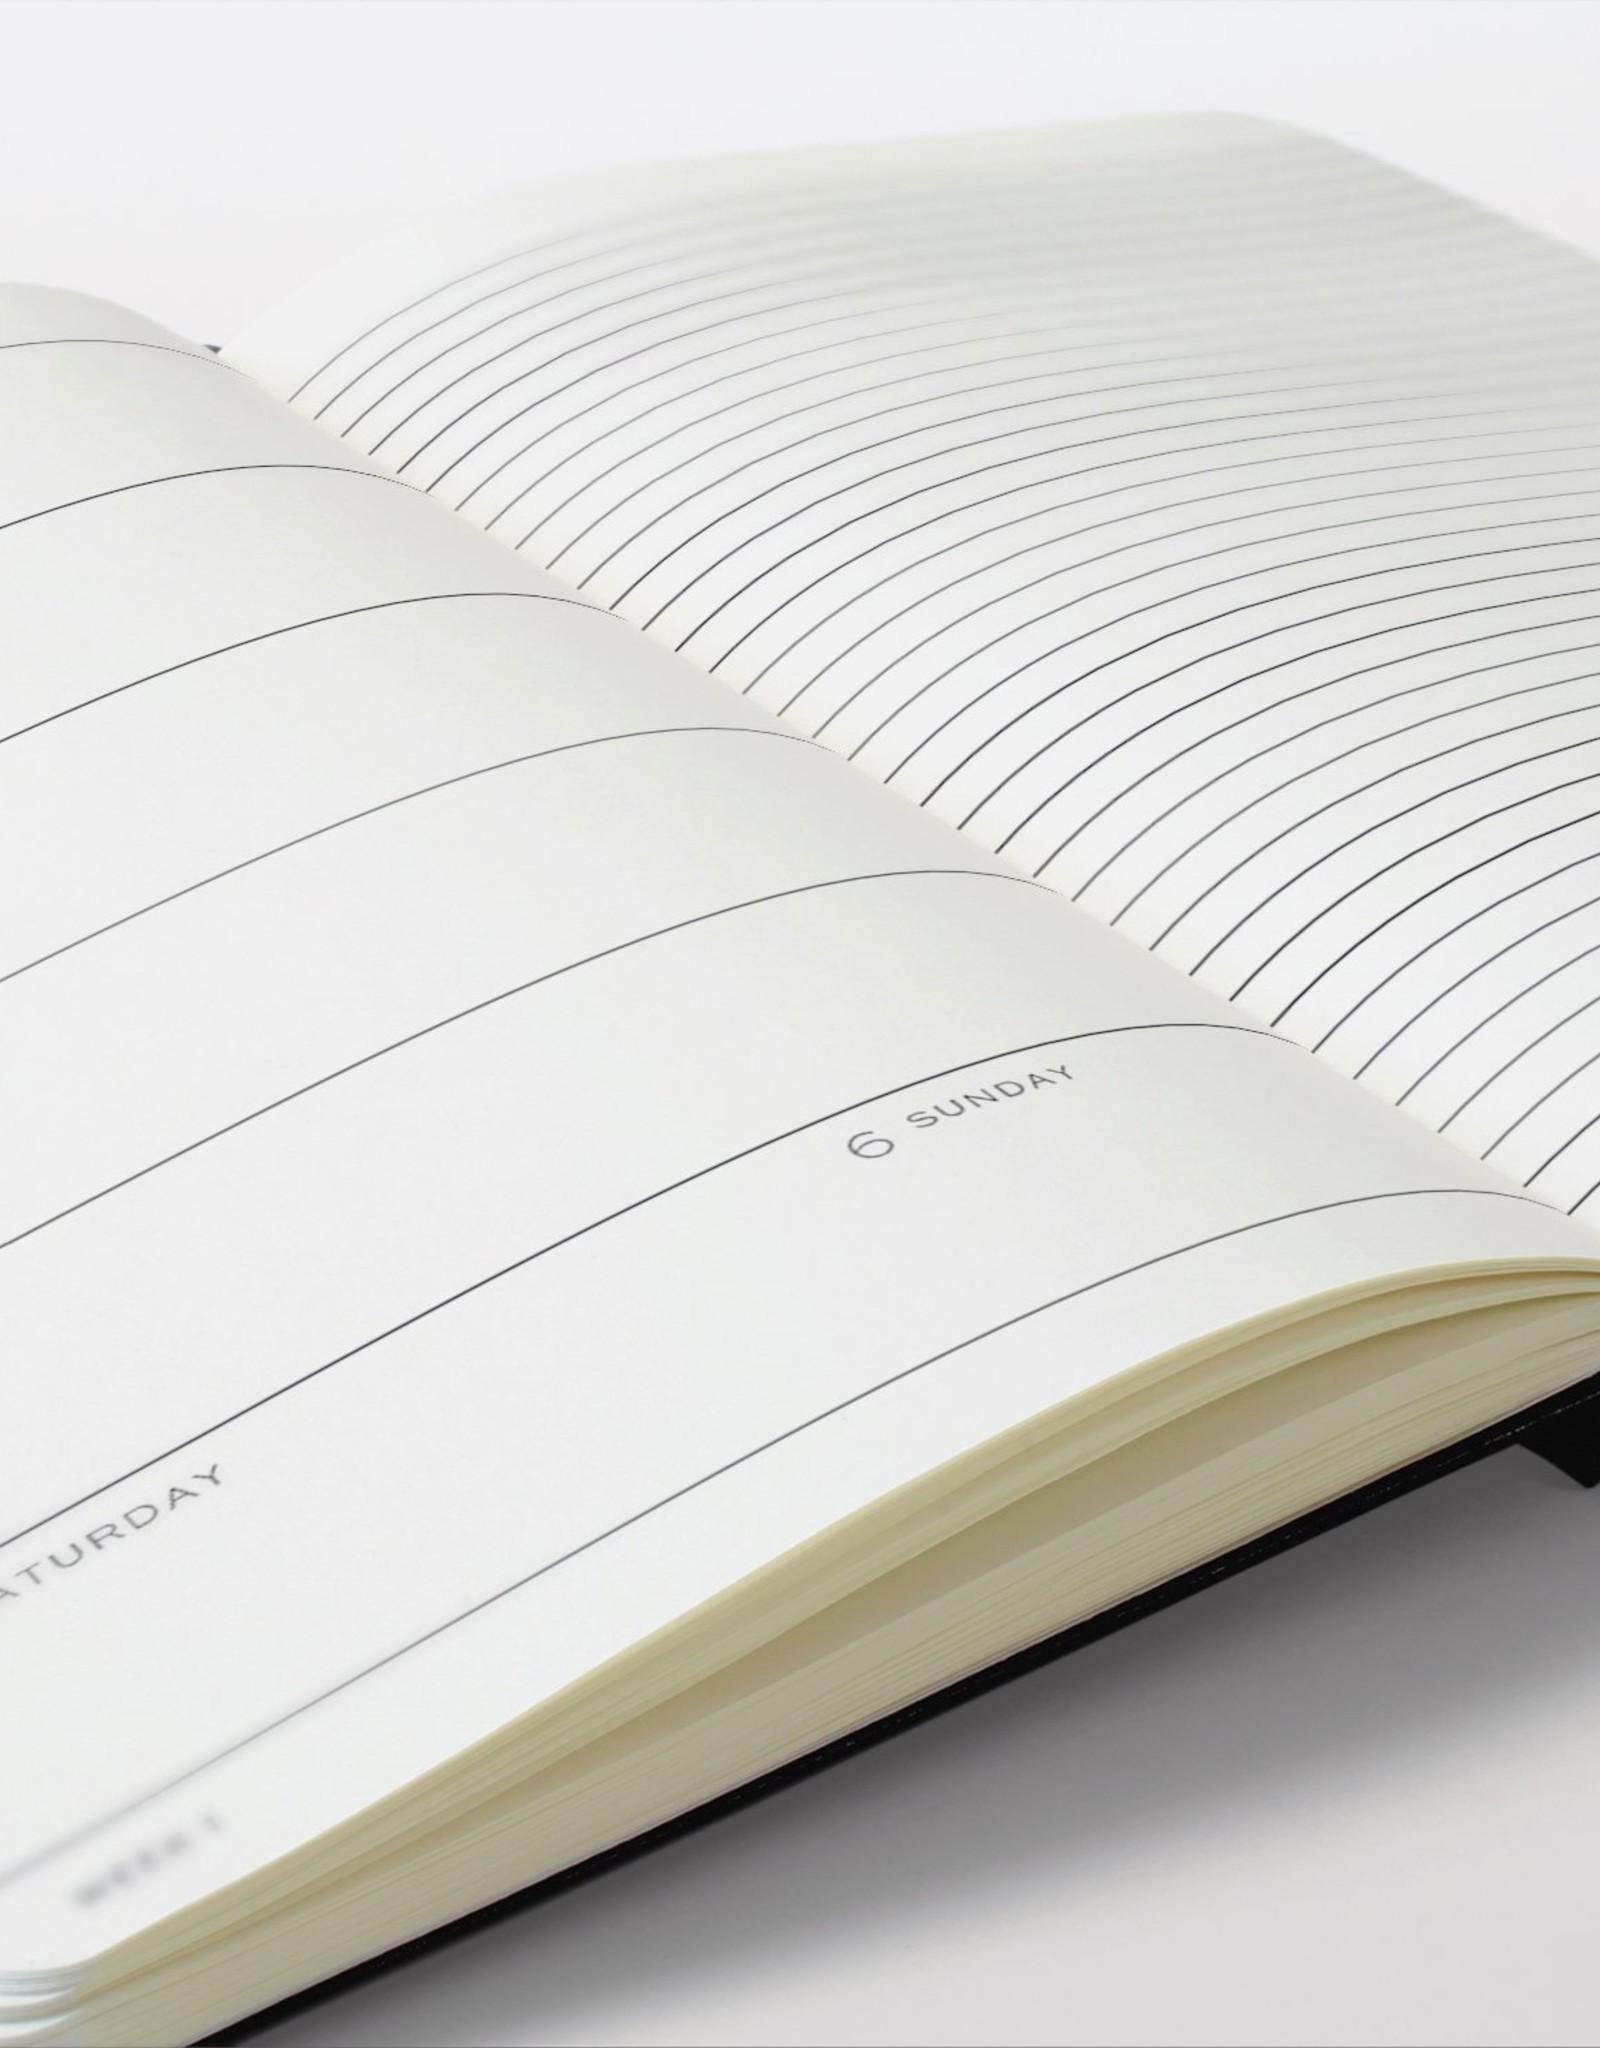 Leuchtturm 1917 2021 Weekly Planner & Notebook